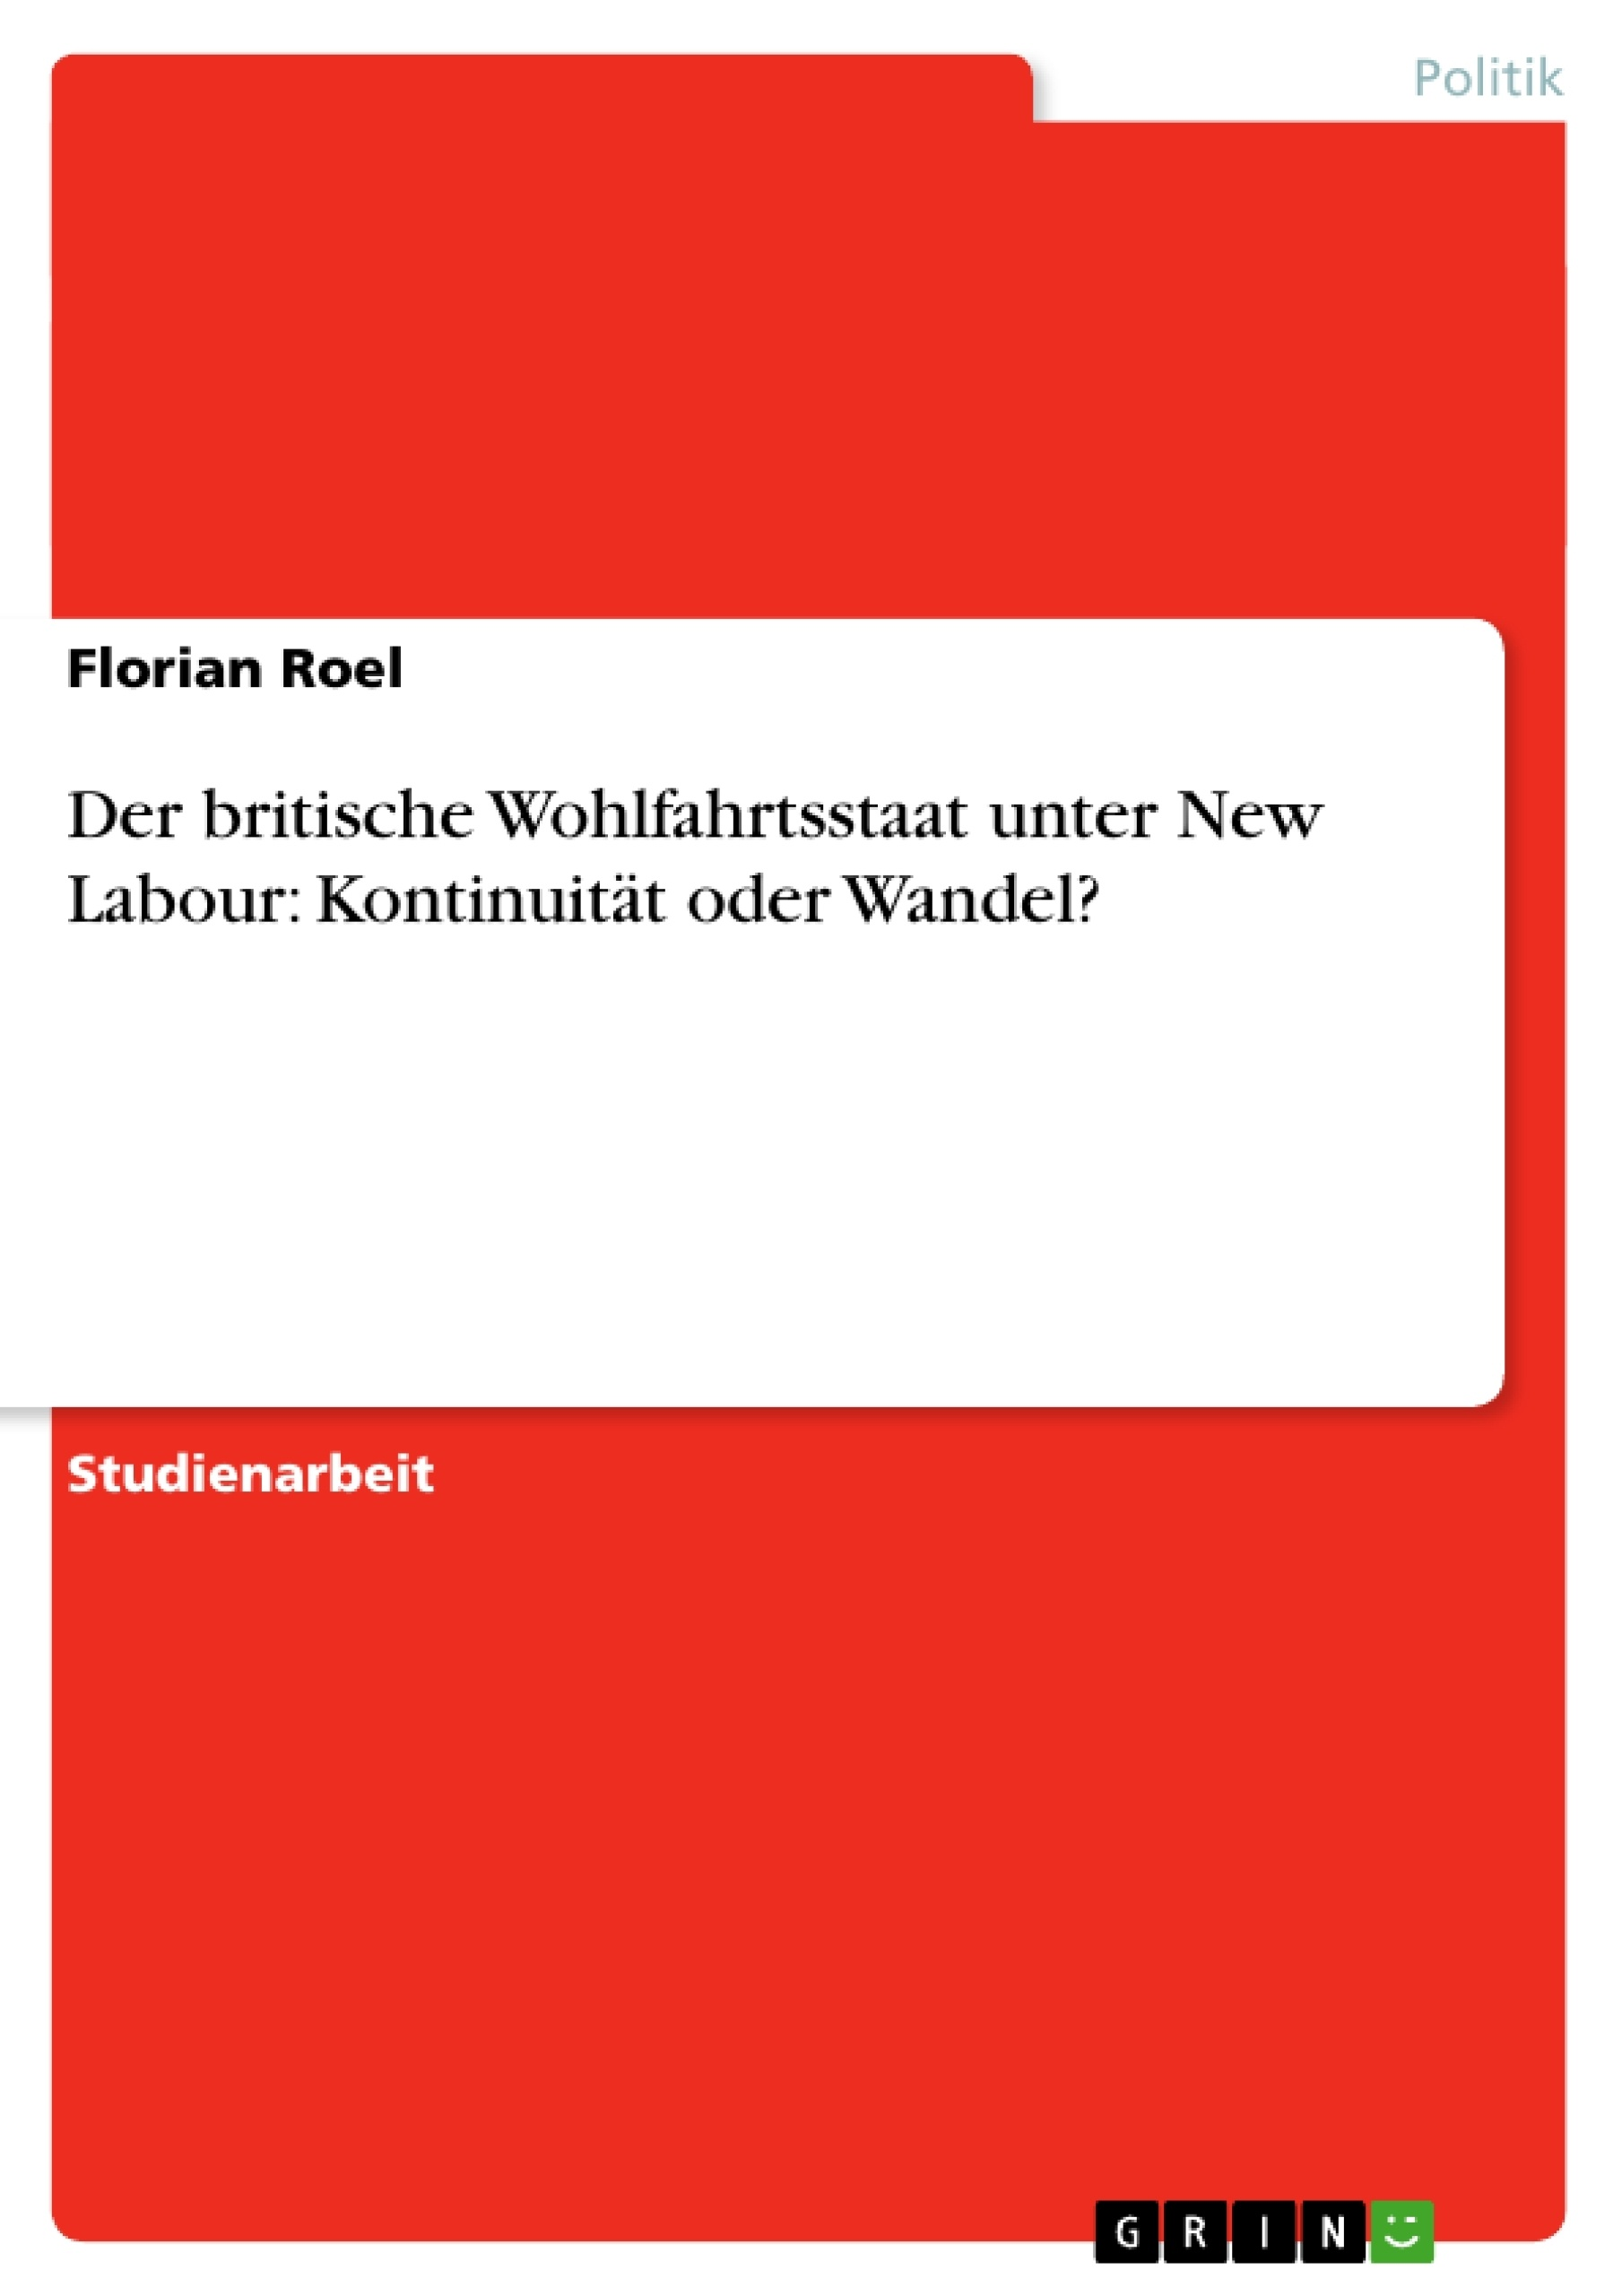 Titel: Der britische Wohlfahrtsstaat unter New Labour: Kontinuität oder Wandel?